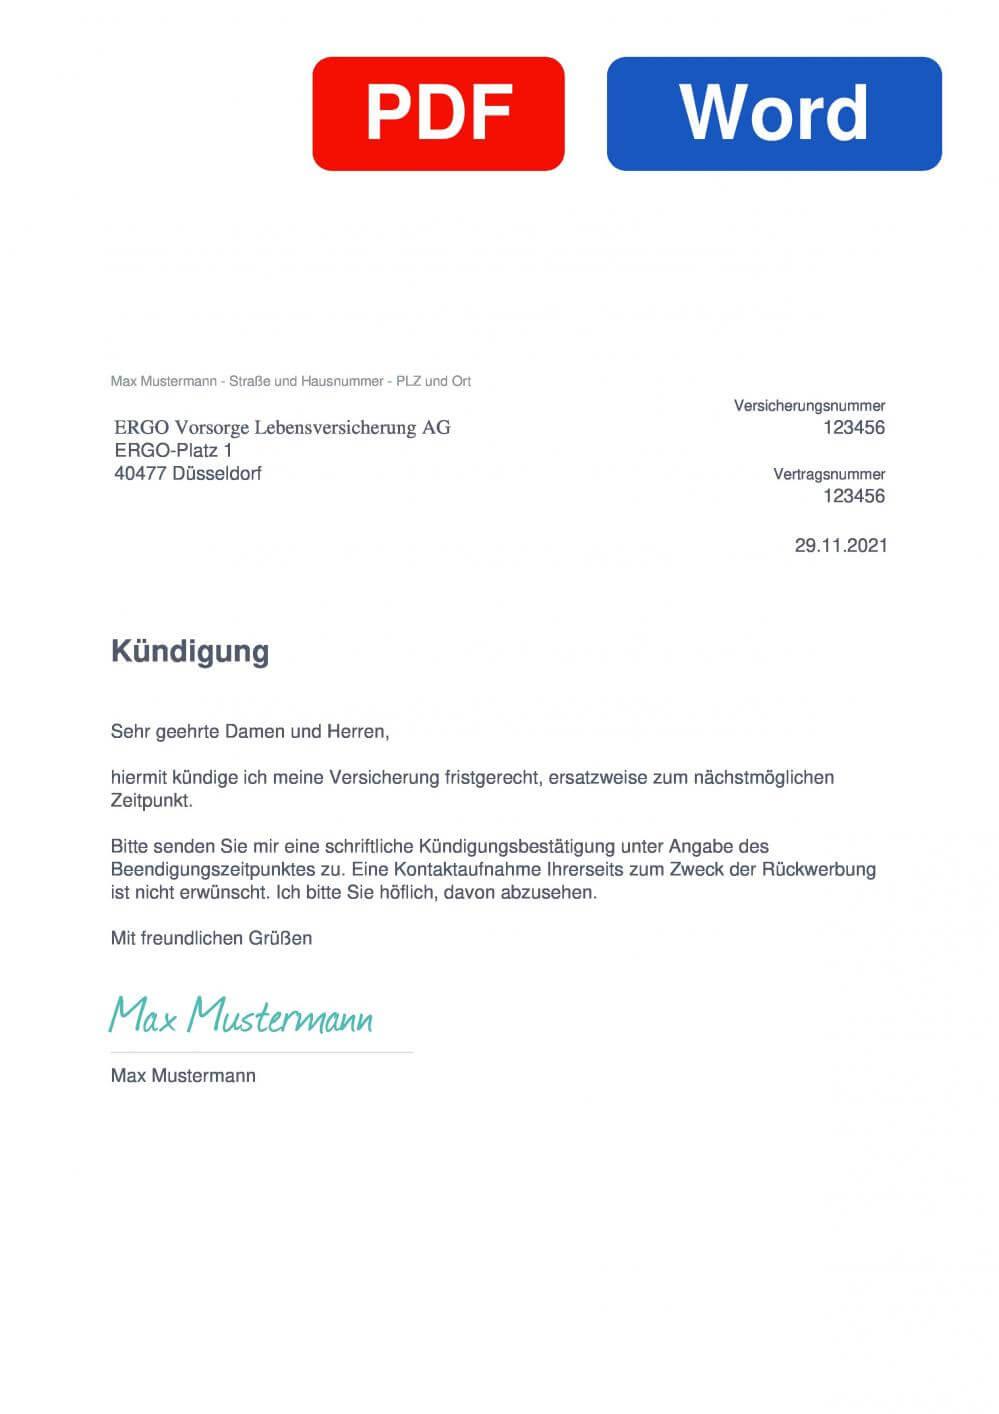 ERGO Riester Rente Muster Vorlage für Kündigungsschreiben